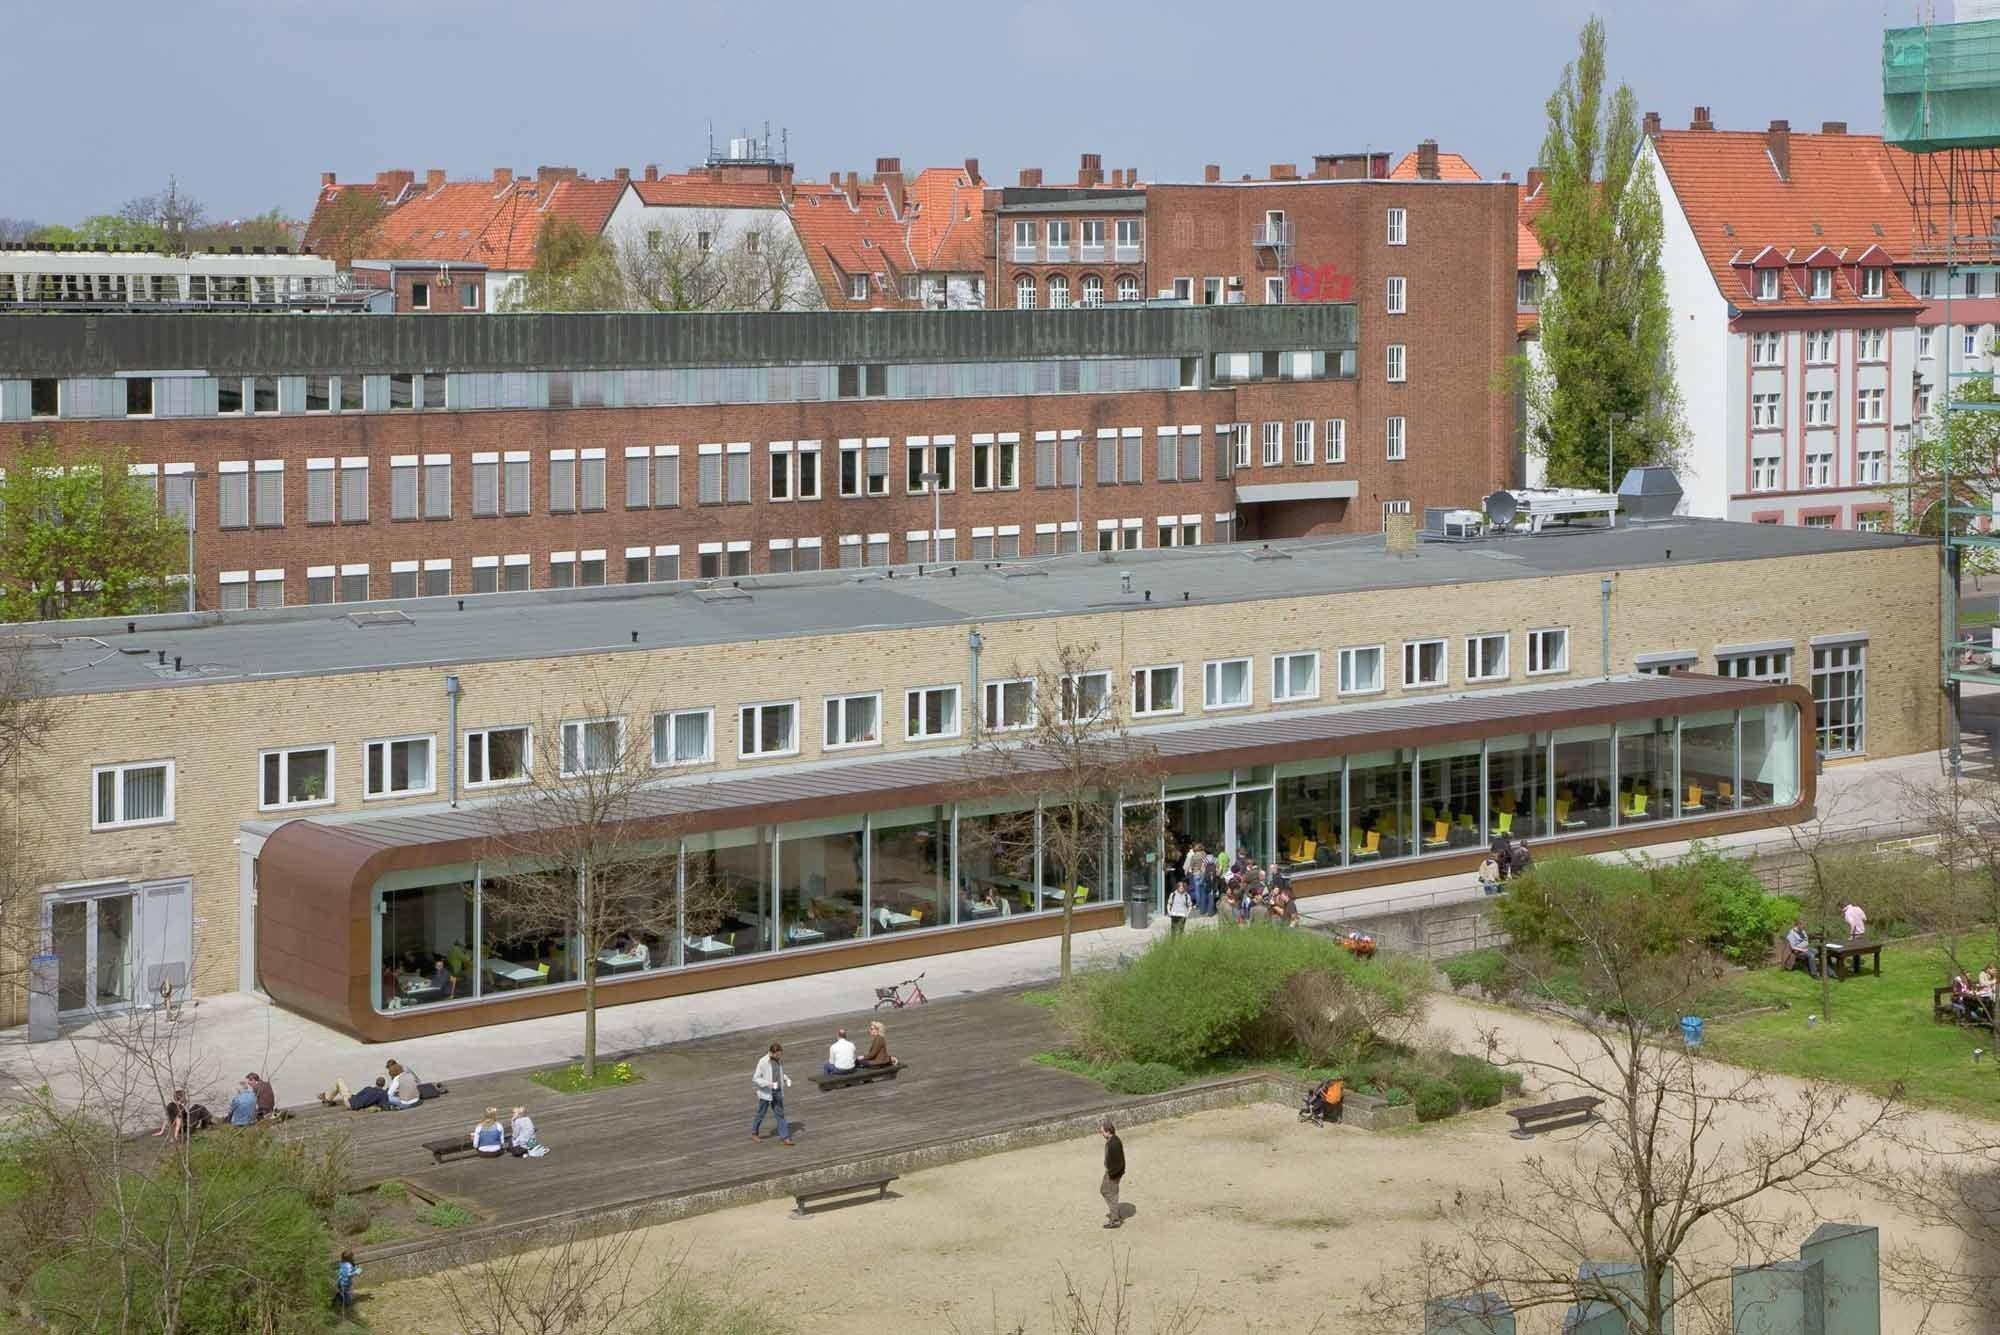 Conti Mensa Hannover